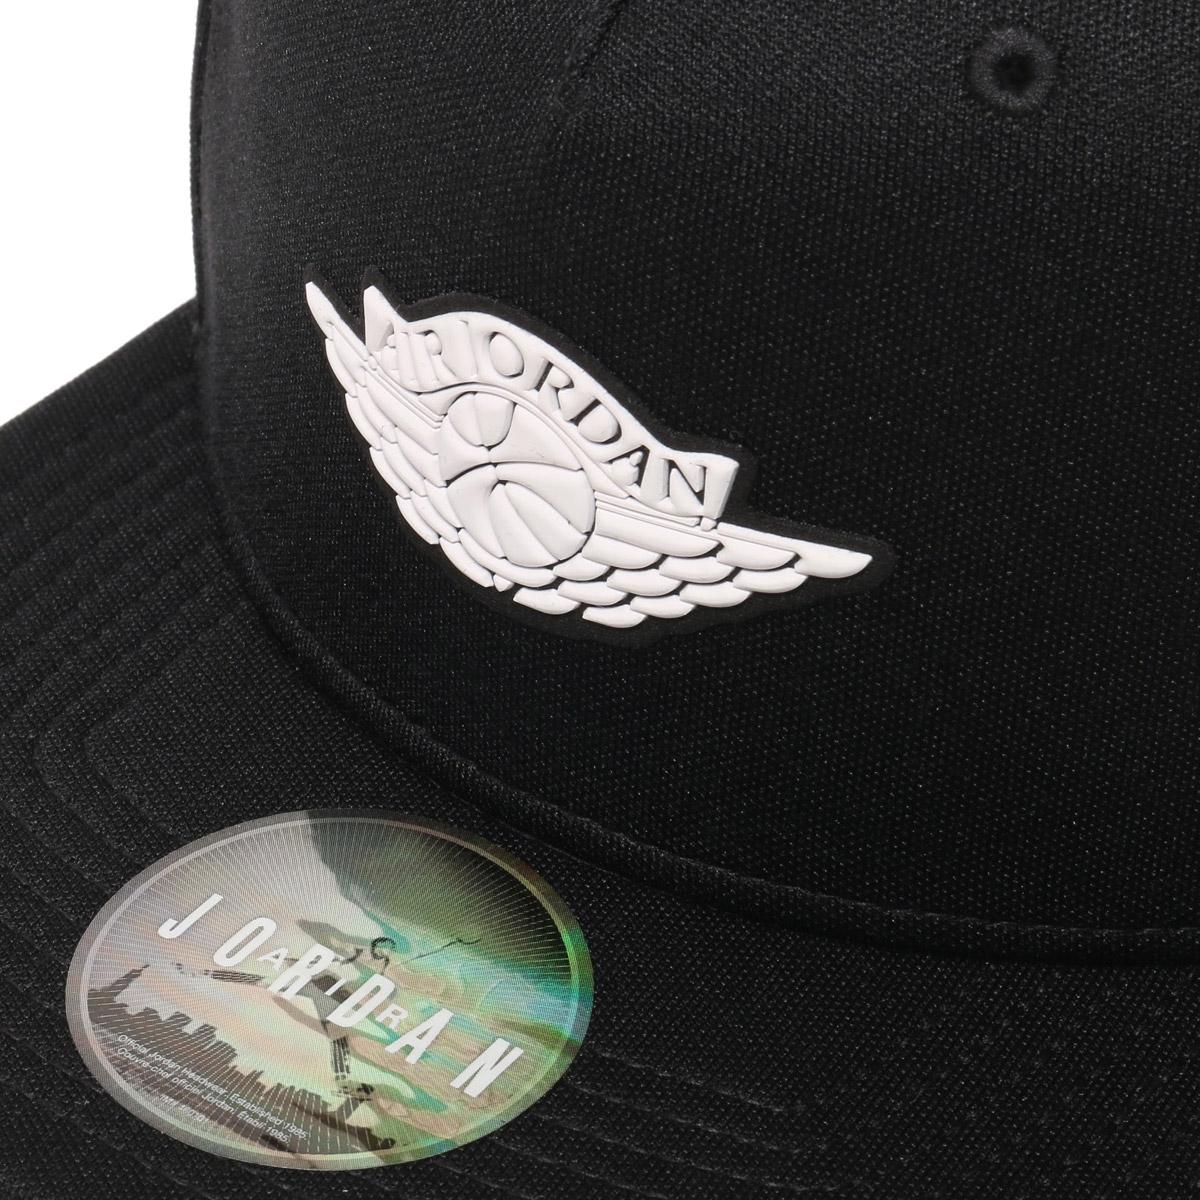 9cdb9b93e12 NIKE JORDAN WINGS STRAPBACK (Jordan WINGS strap back cap) BLACK WHITE 17FA-I